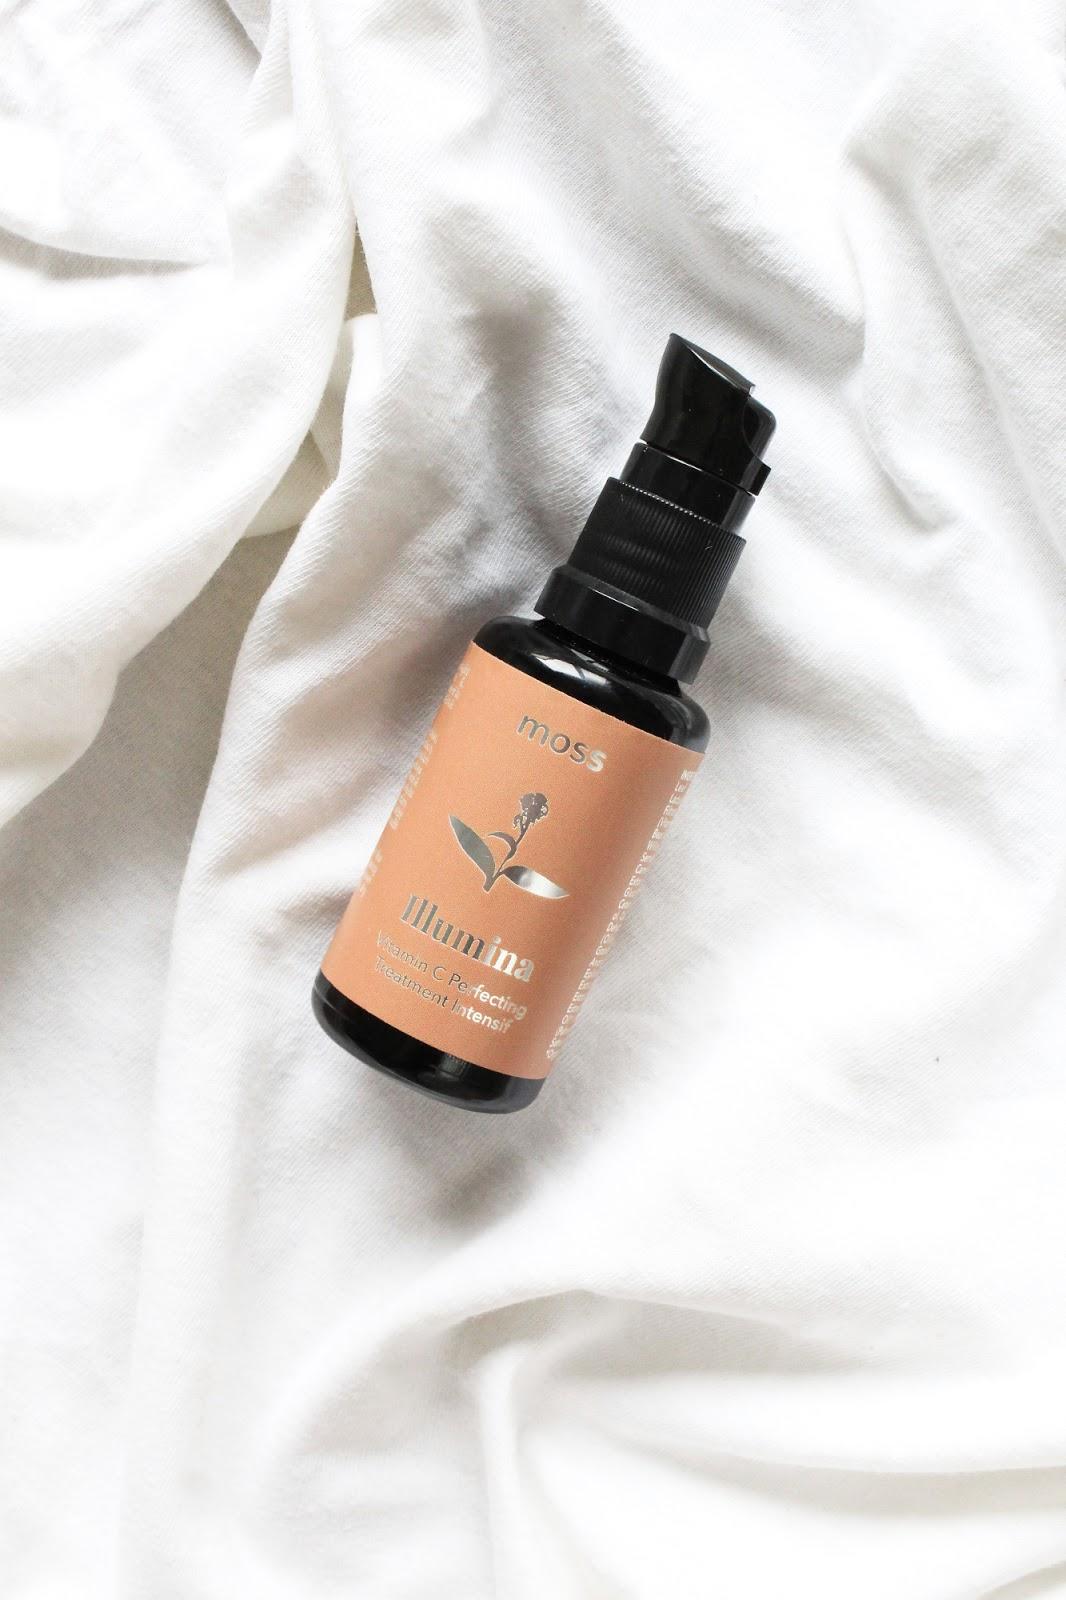 Moss Skincare Illumina Vitamin C Exfoliating Serum